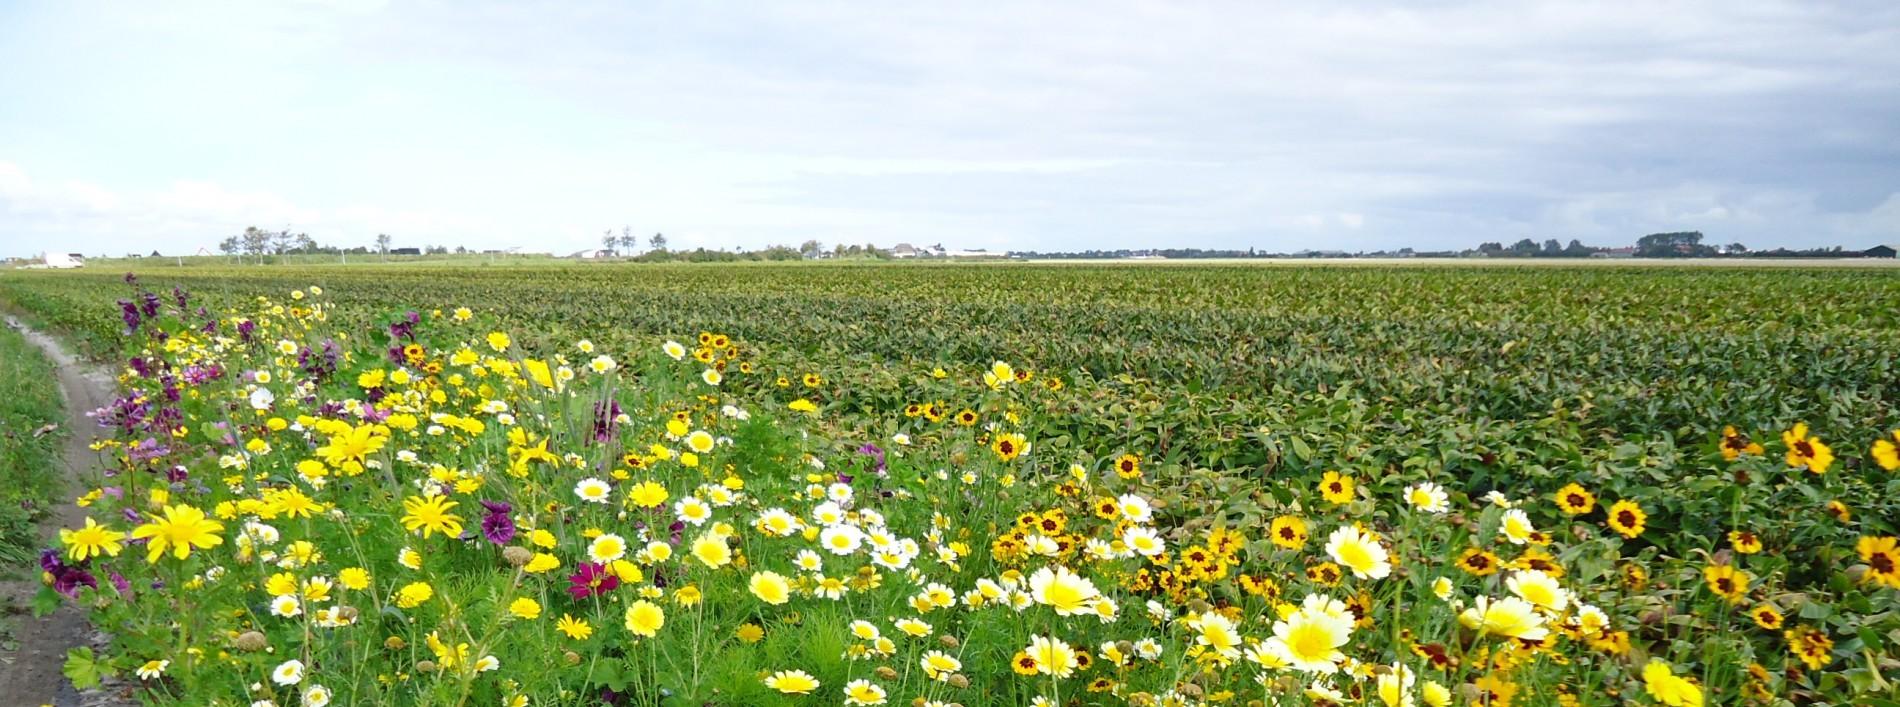 Persbericht: Nieuw Europees landbouwbeleid moet boer het stuur weer in handen geven